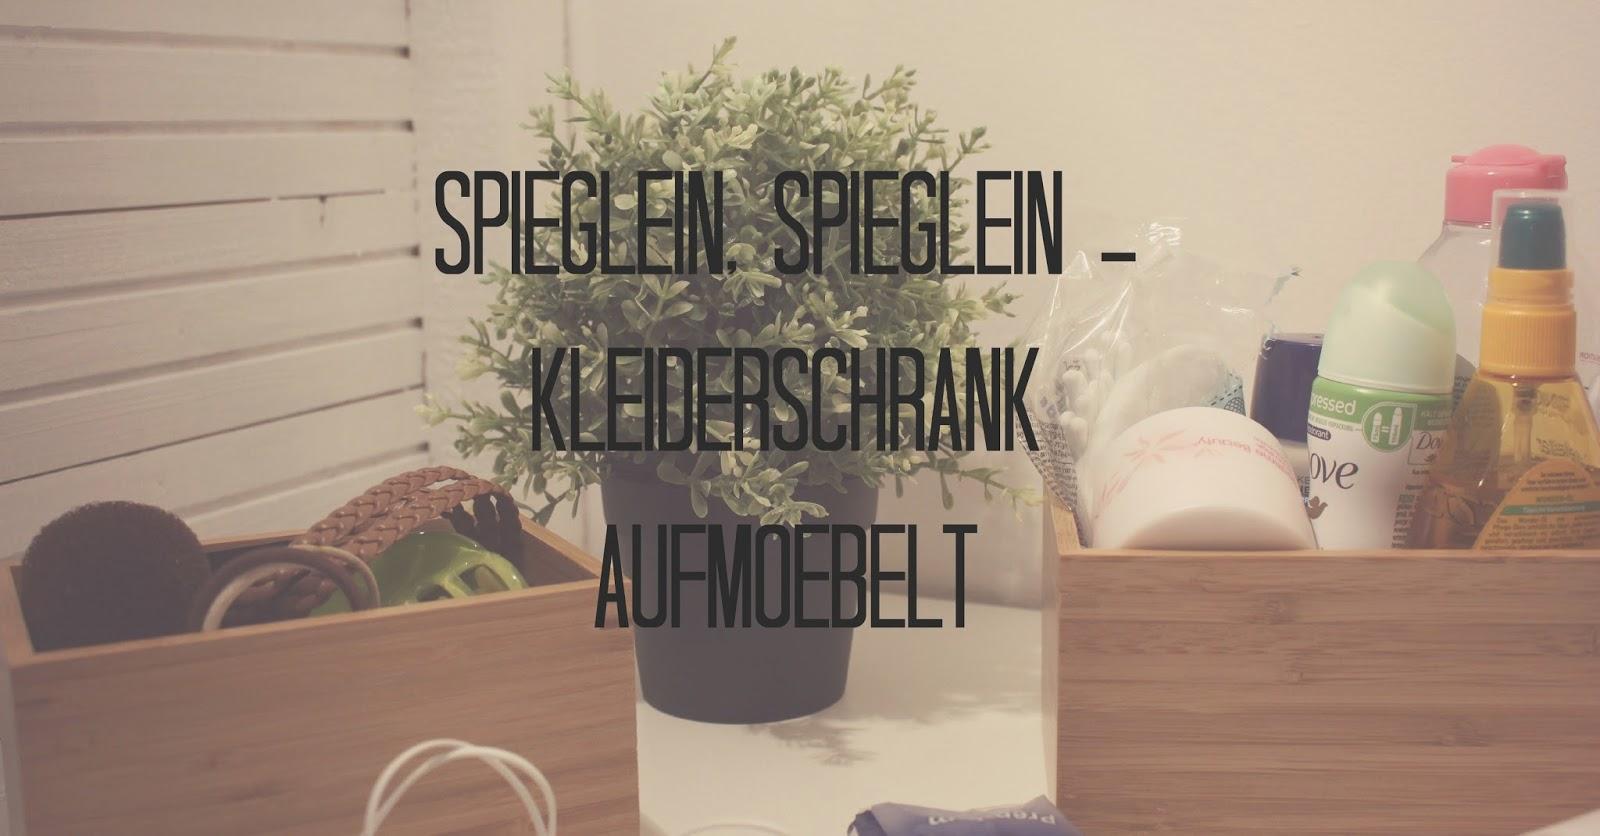 http://kolibritastisch.blogspot.co.at/2015/02/spieglein-spieglein-kleiderschrank.html